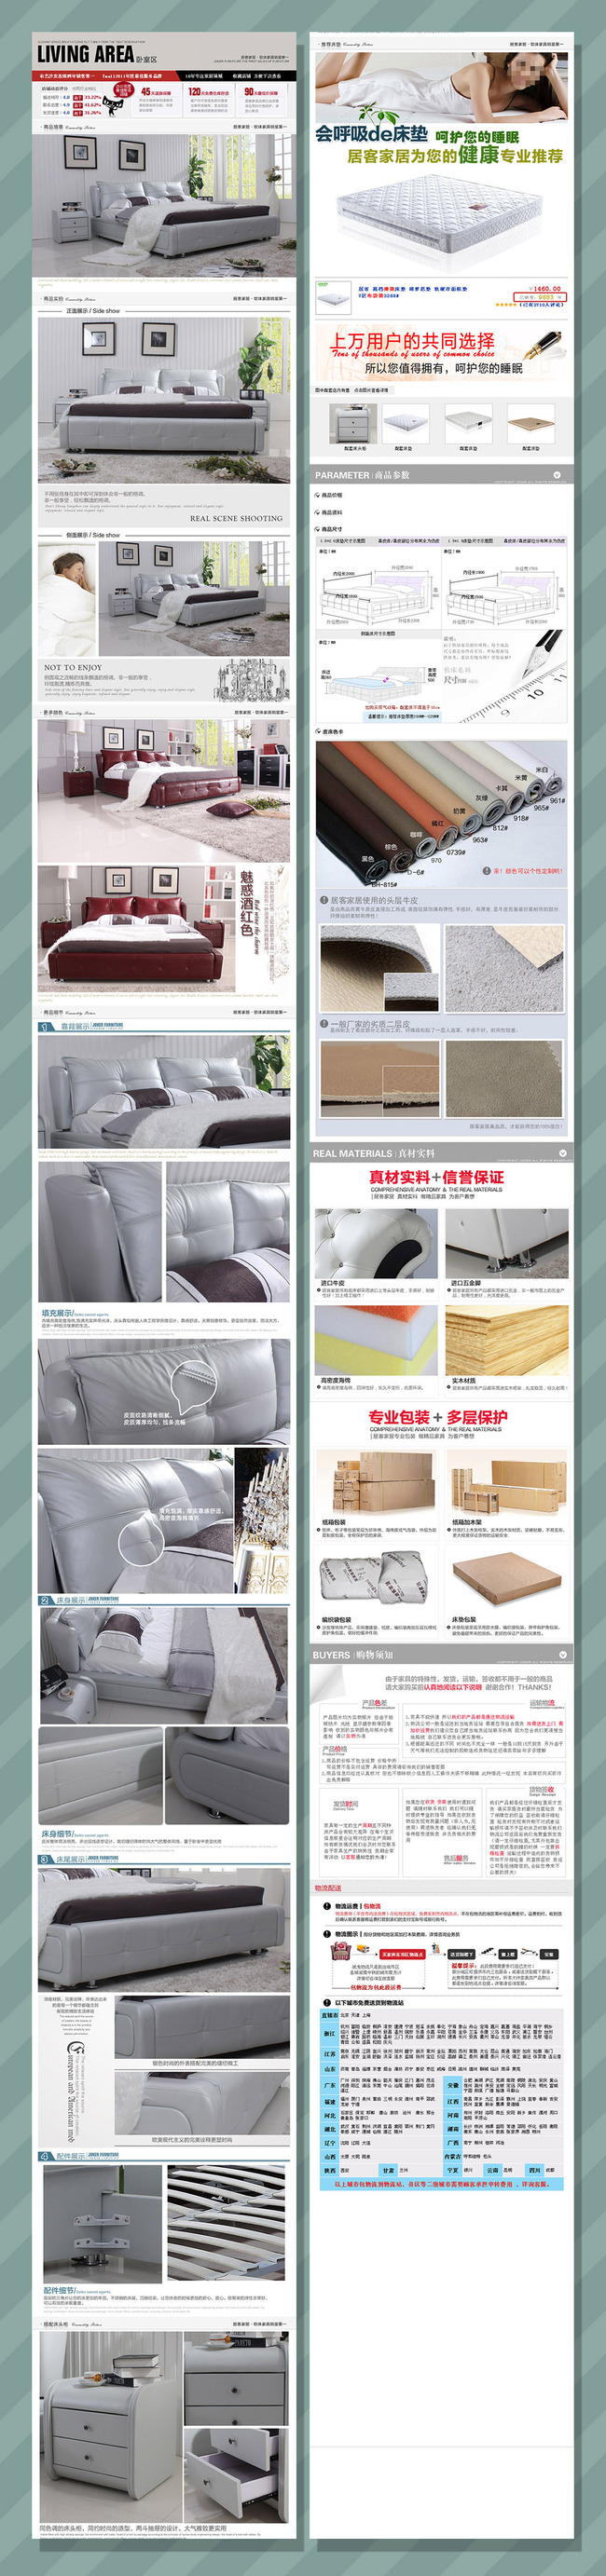 淘宝欧式家具双人床详情页描述图模板